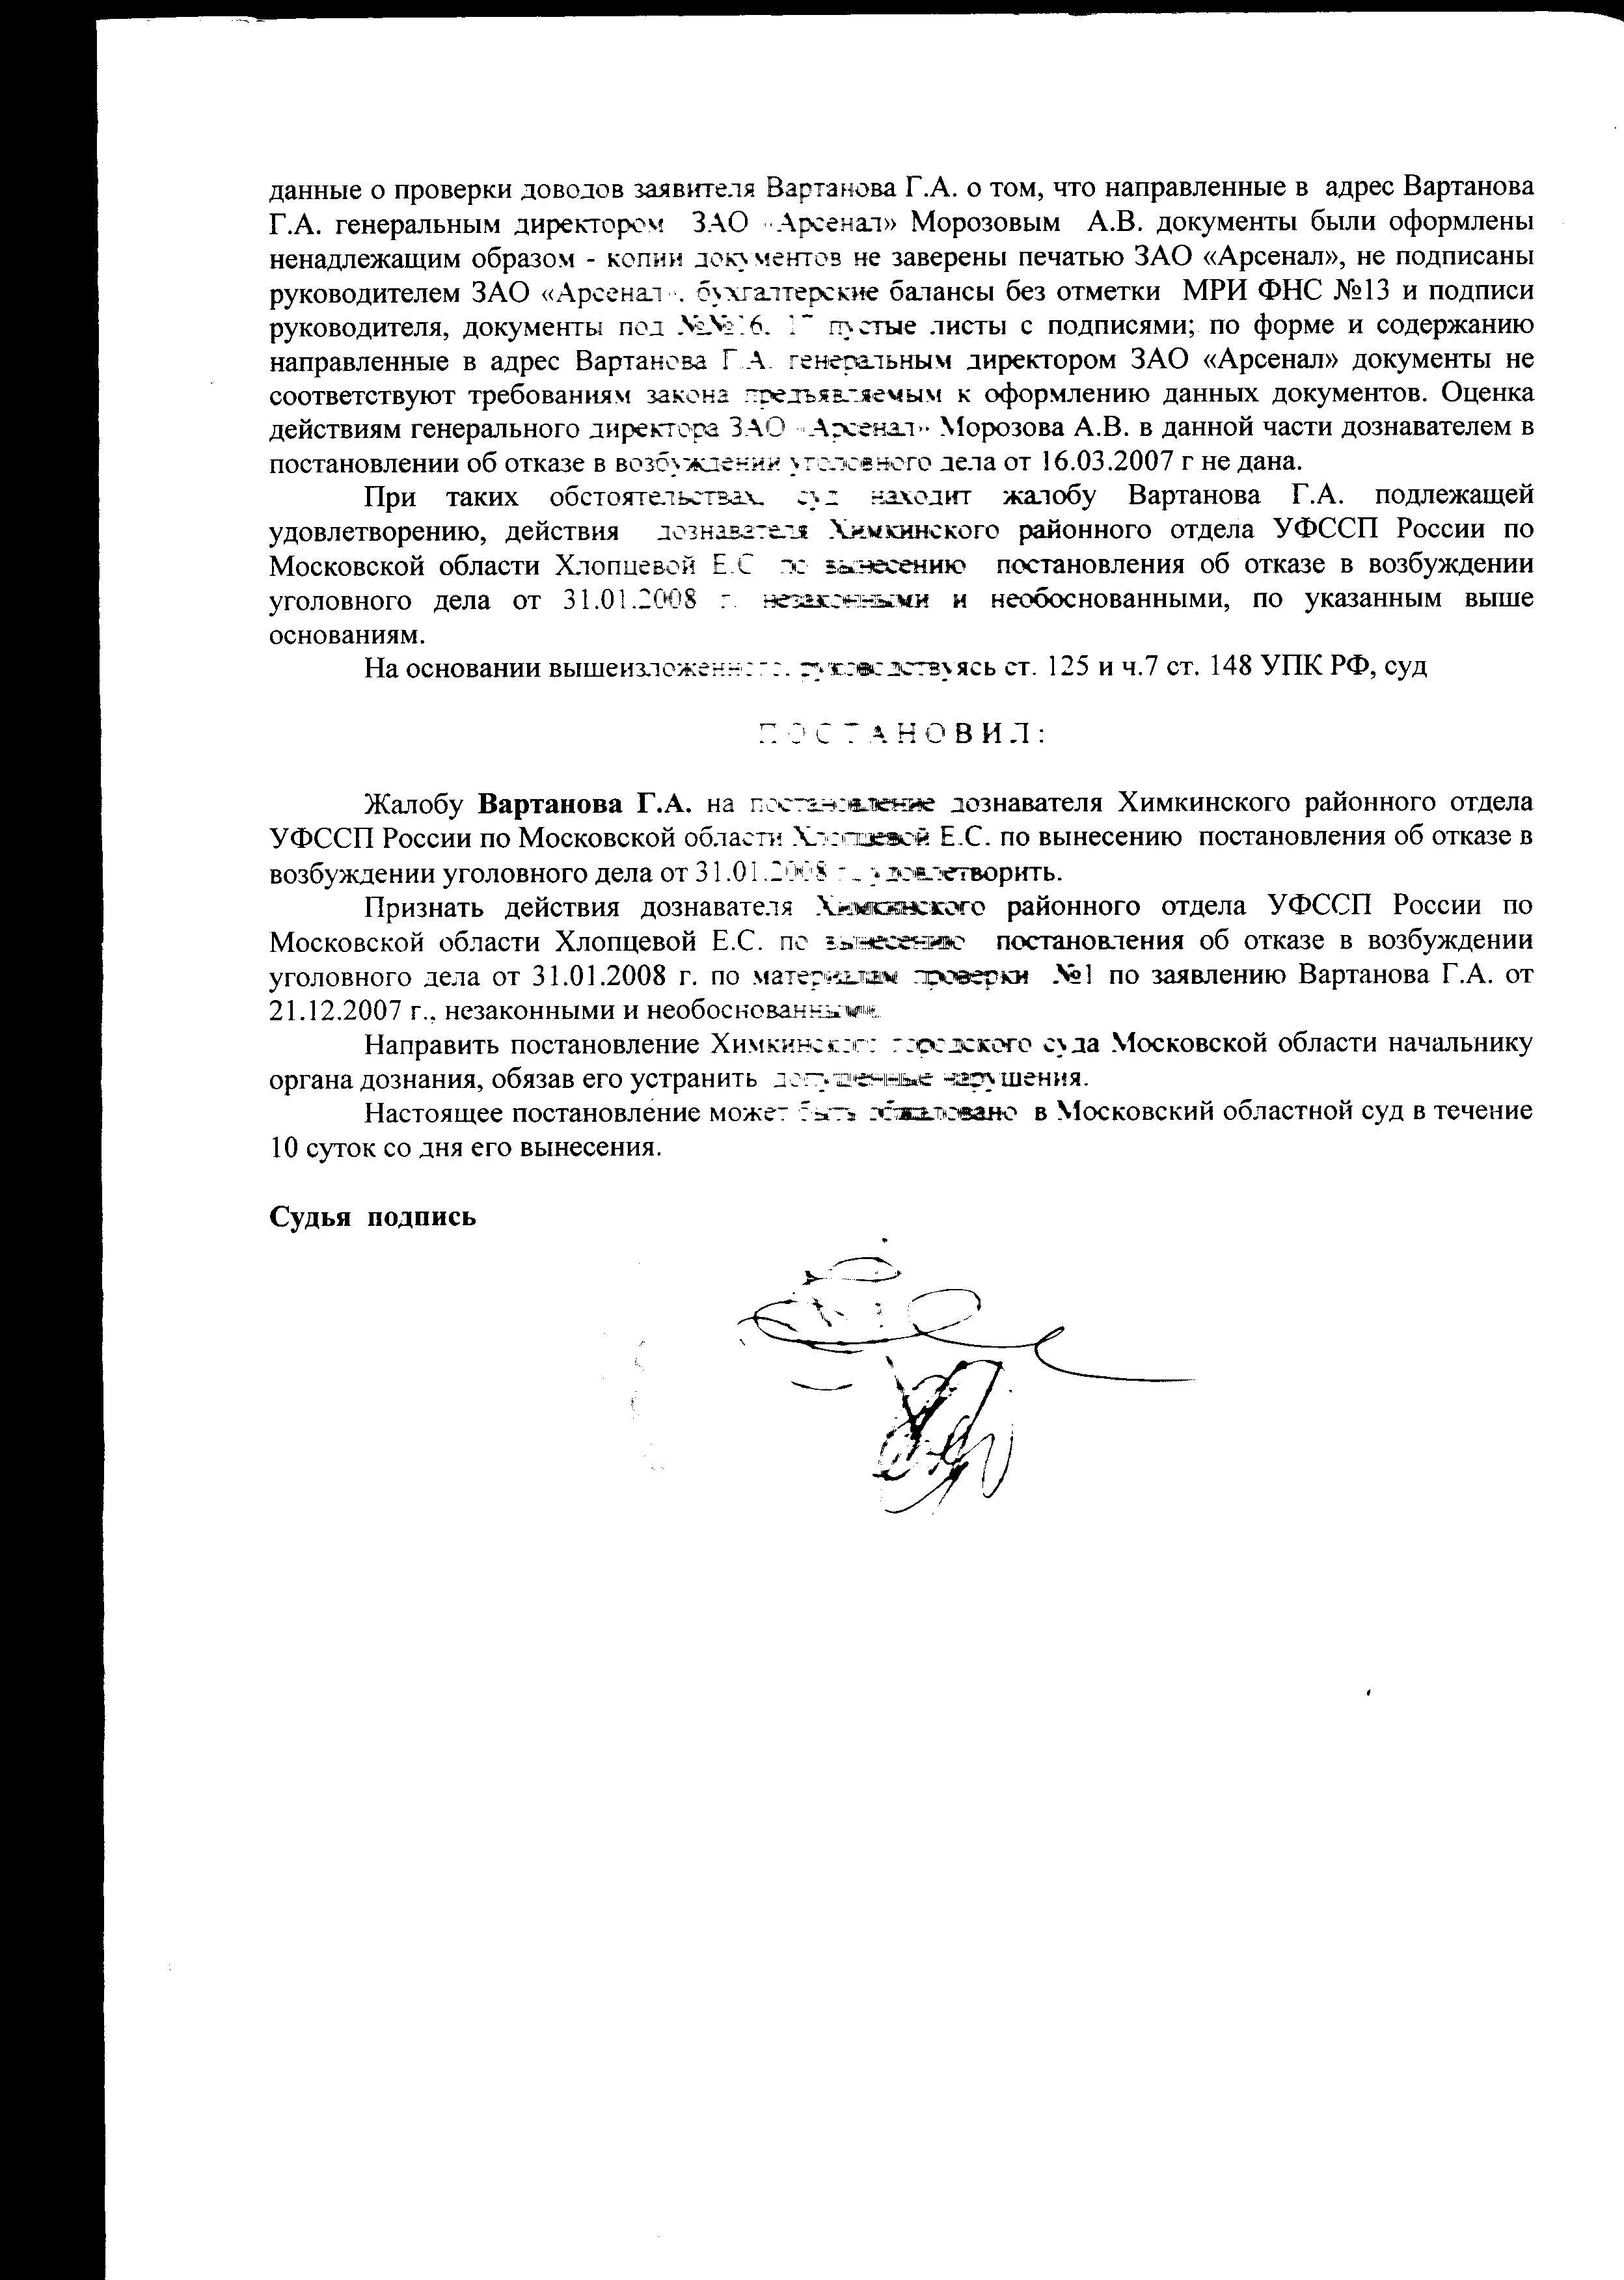 Постановление по УФССП 3